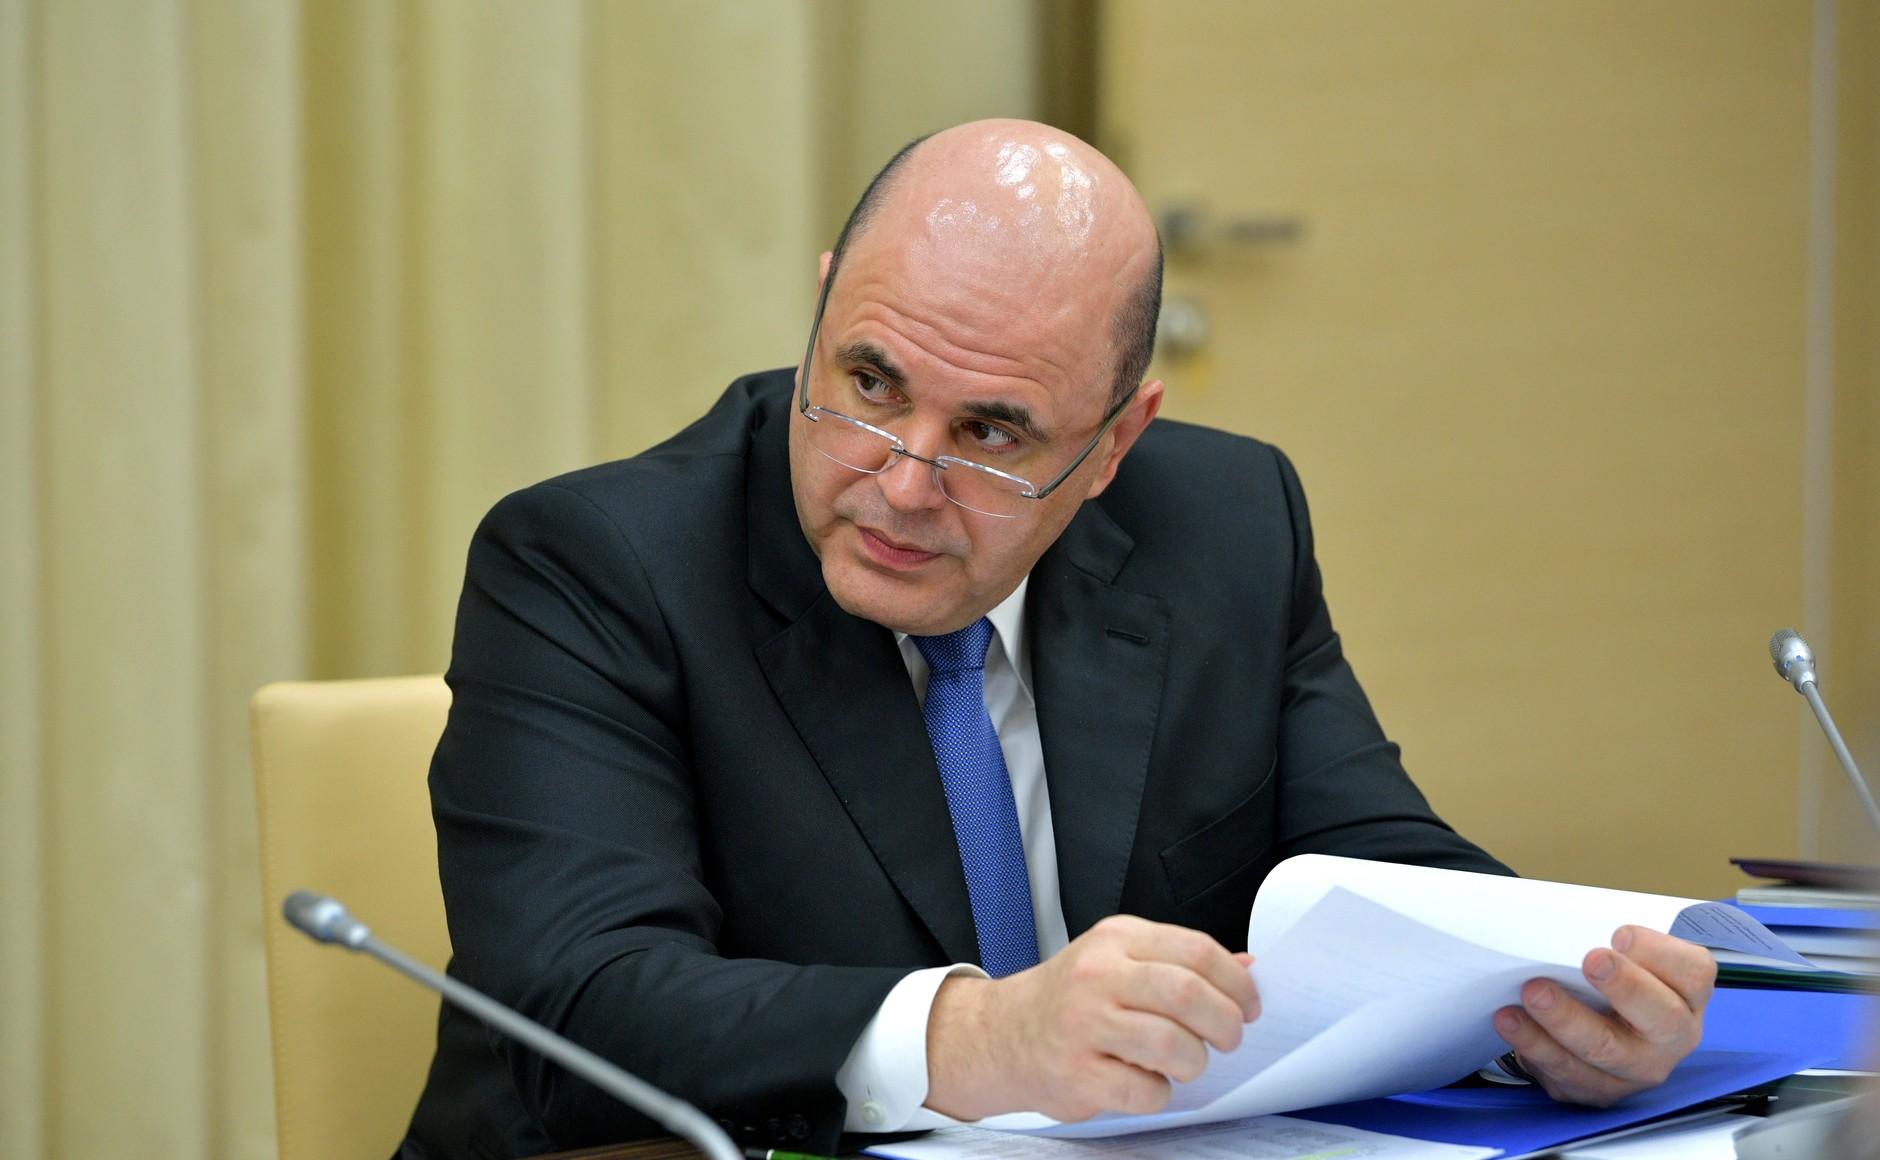 В регионы направят 2,5 млрд рублей на реконструкцию набережных и ремонт очистных сооружений